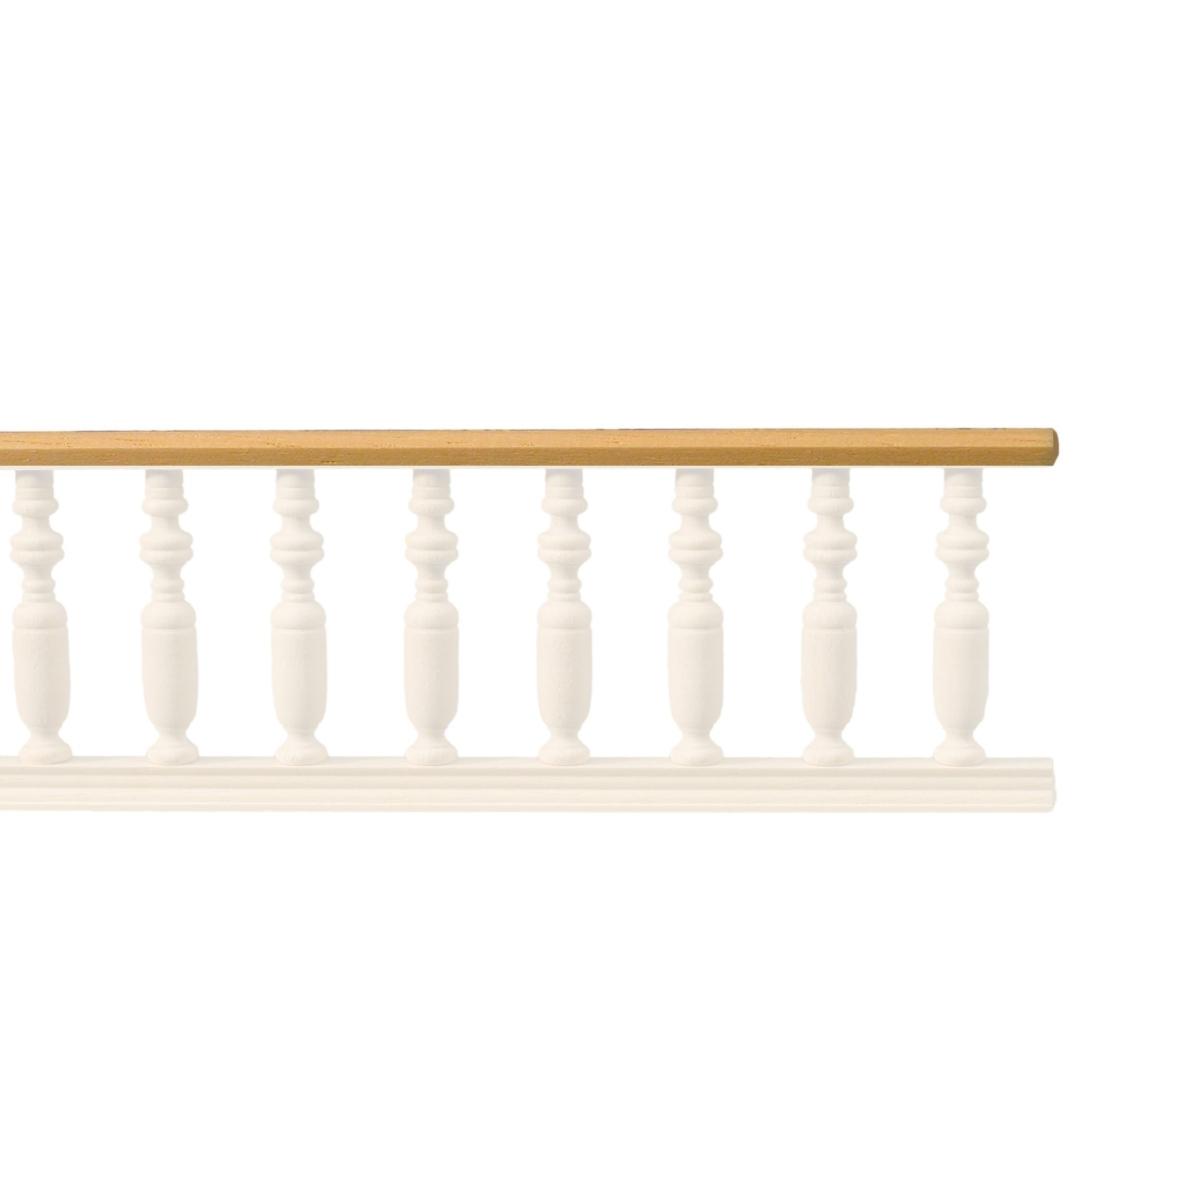 handlauf f r balkongel nder 70270. Black Bedroom Furniture Sets. Home Design Ideas